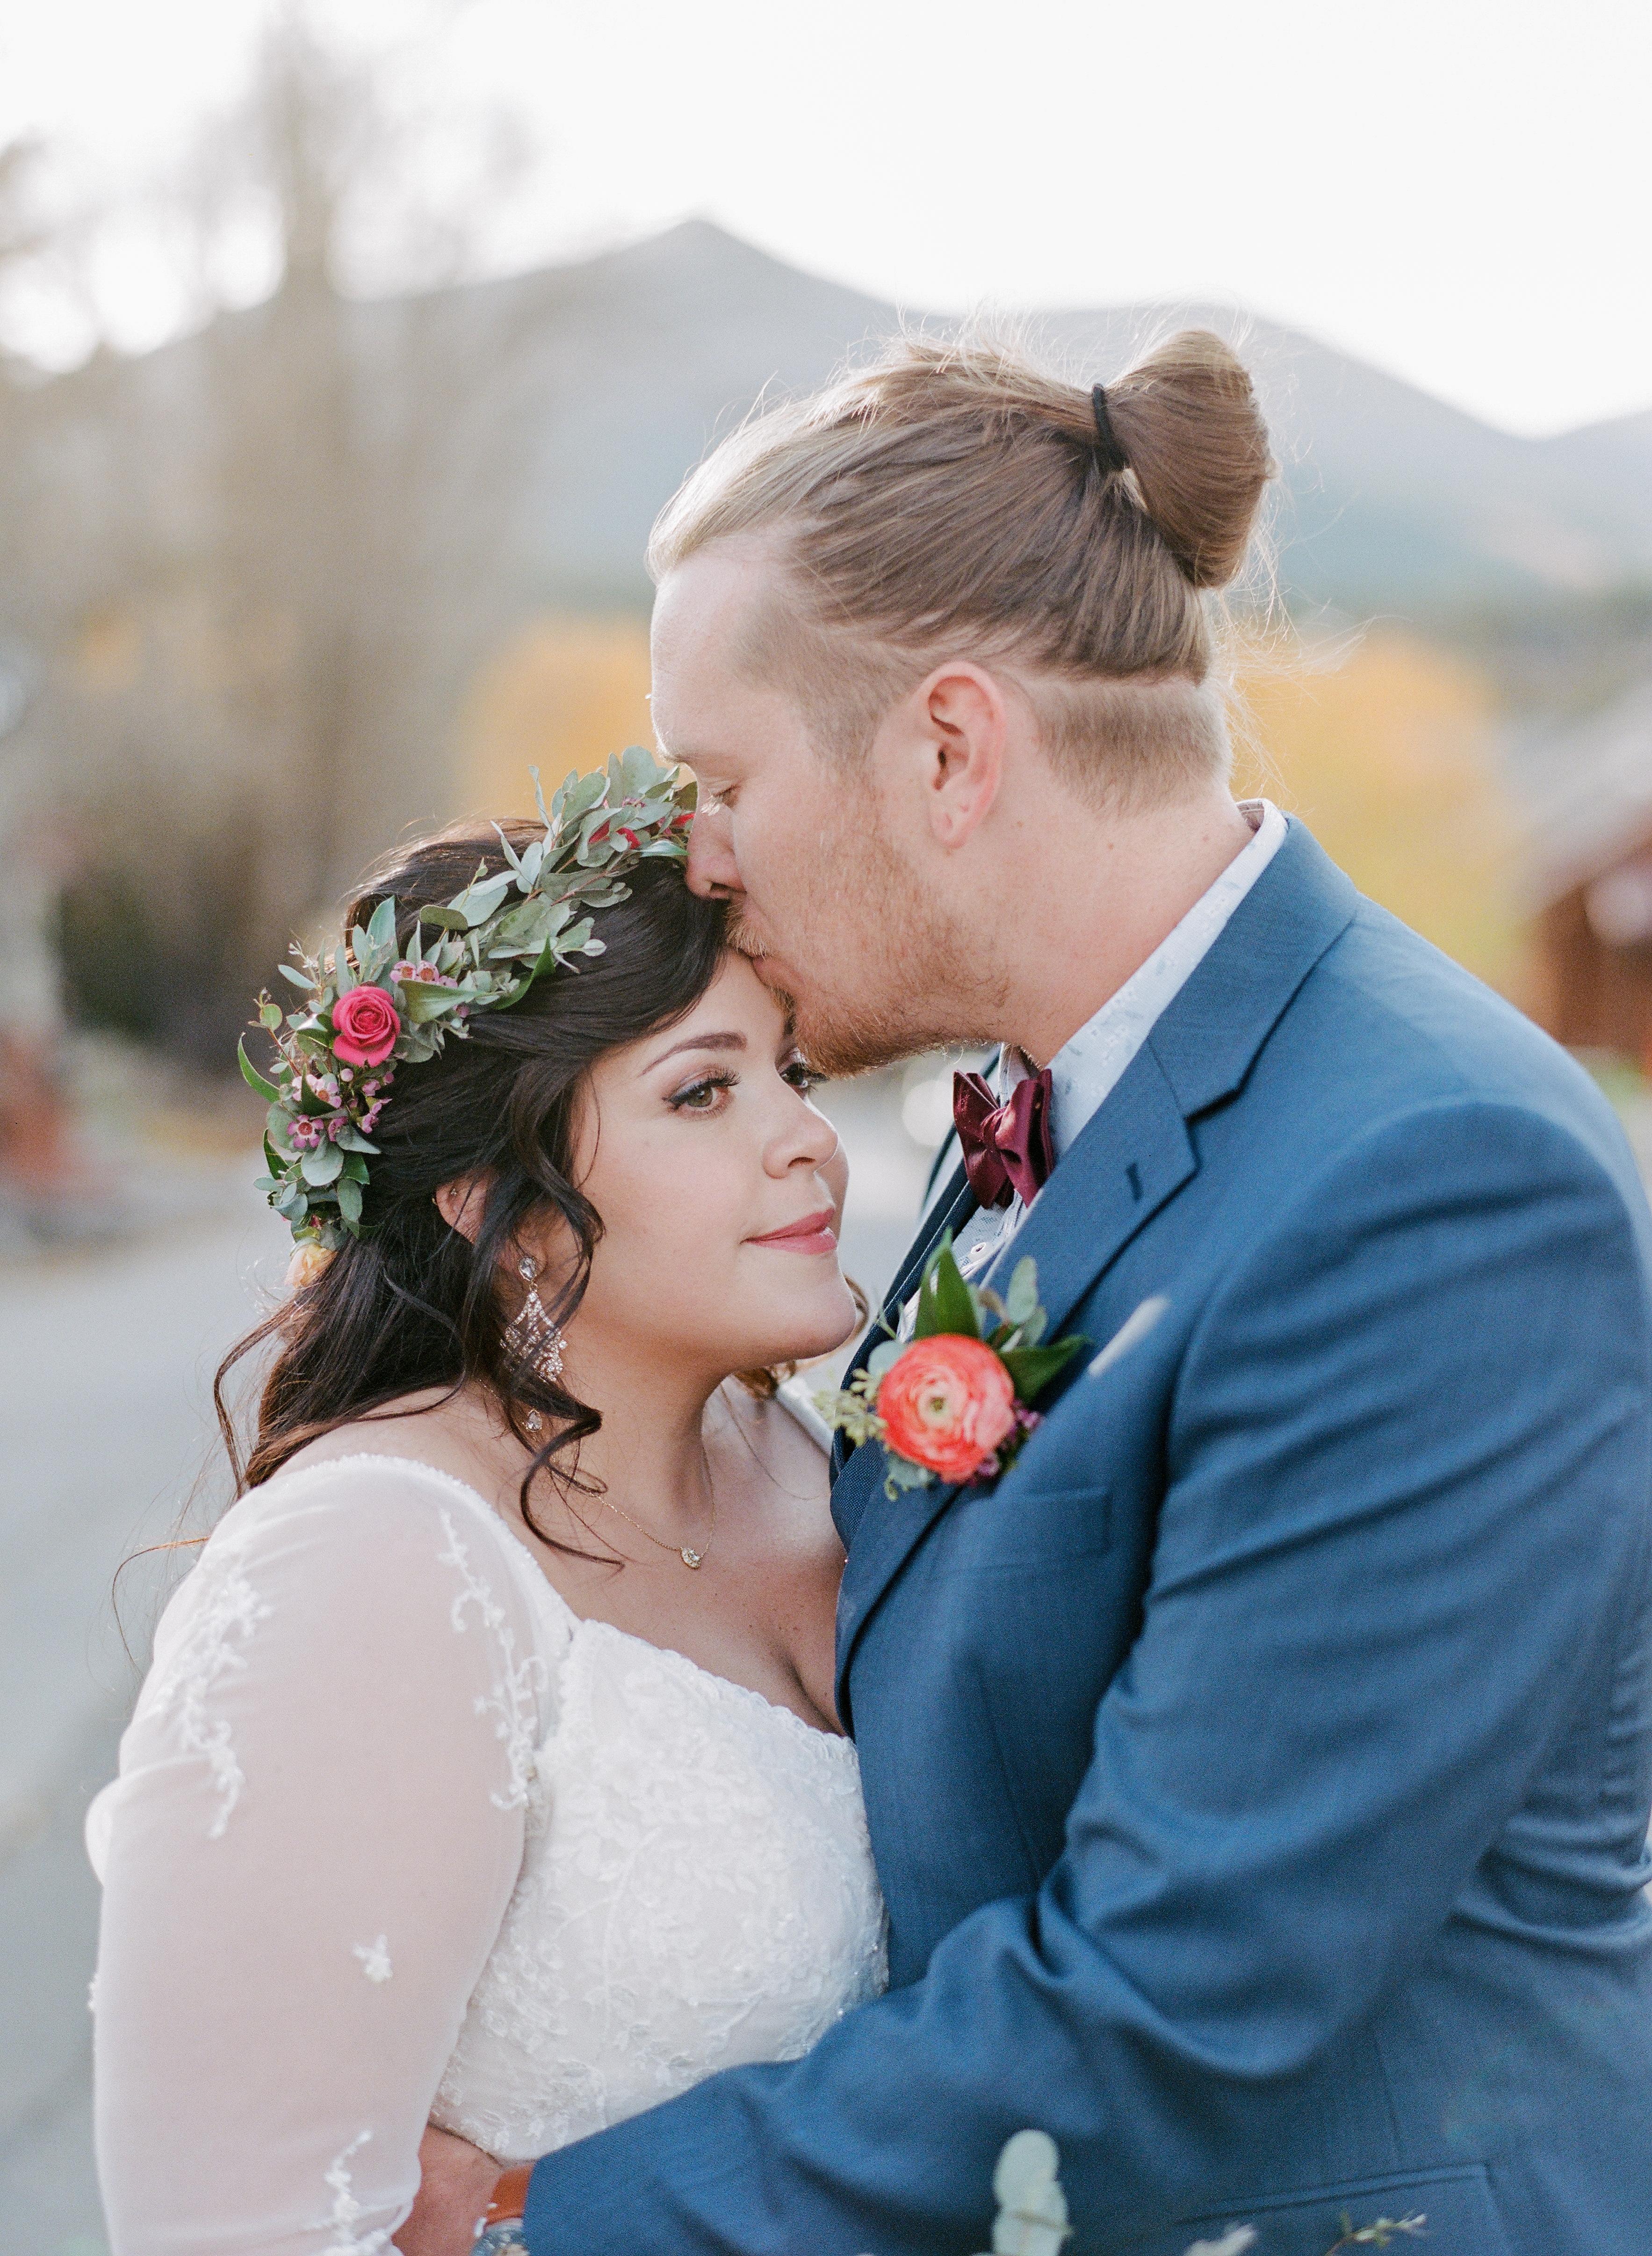 Private-Home-Rental-Wedding-VRBO-Fall-Breckenridge-Colorado-Main-Street-Breckenridge